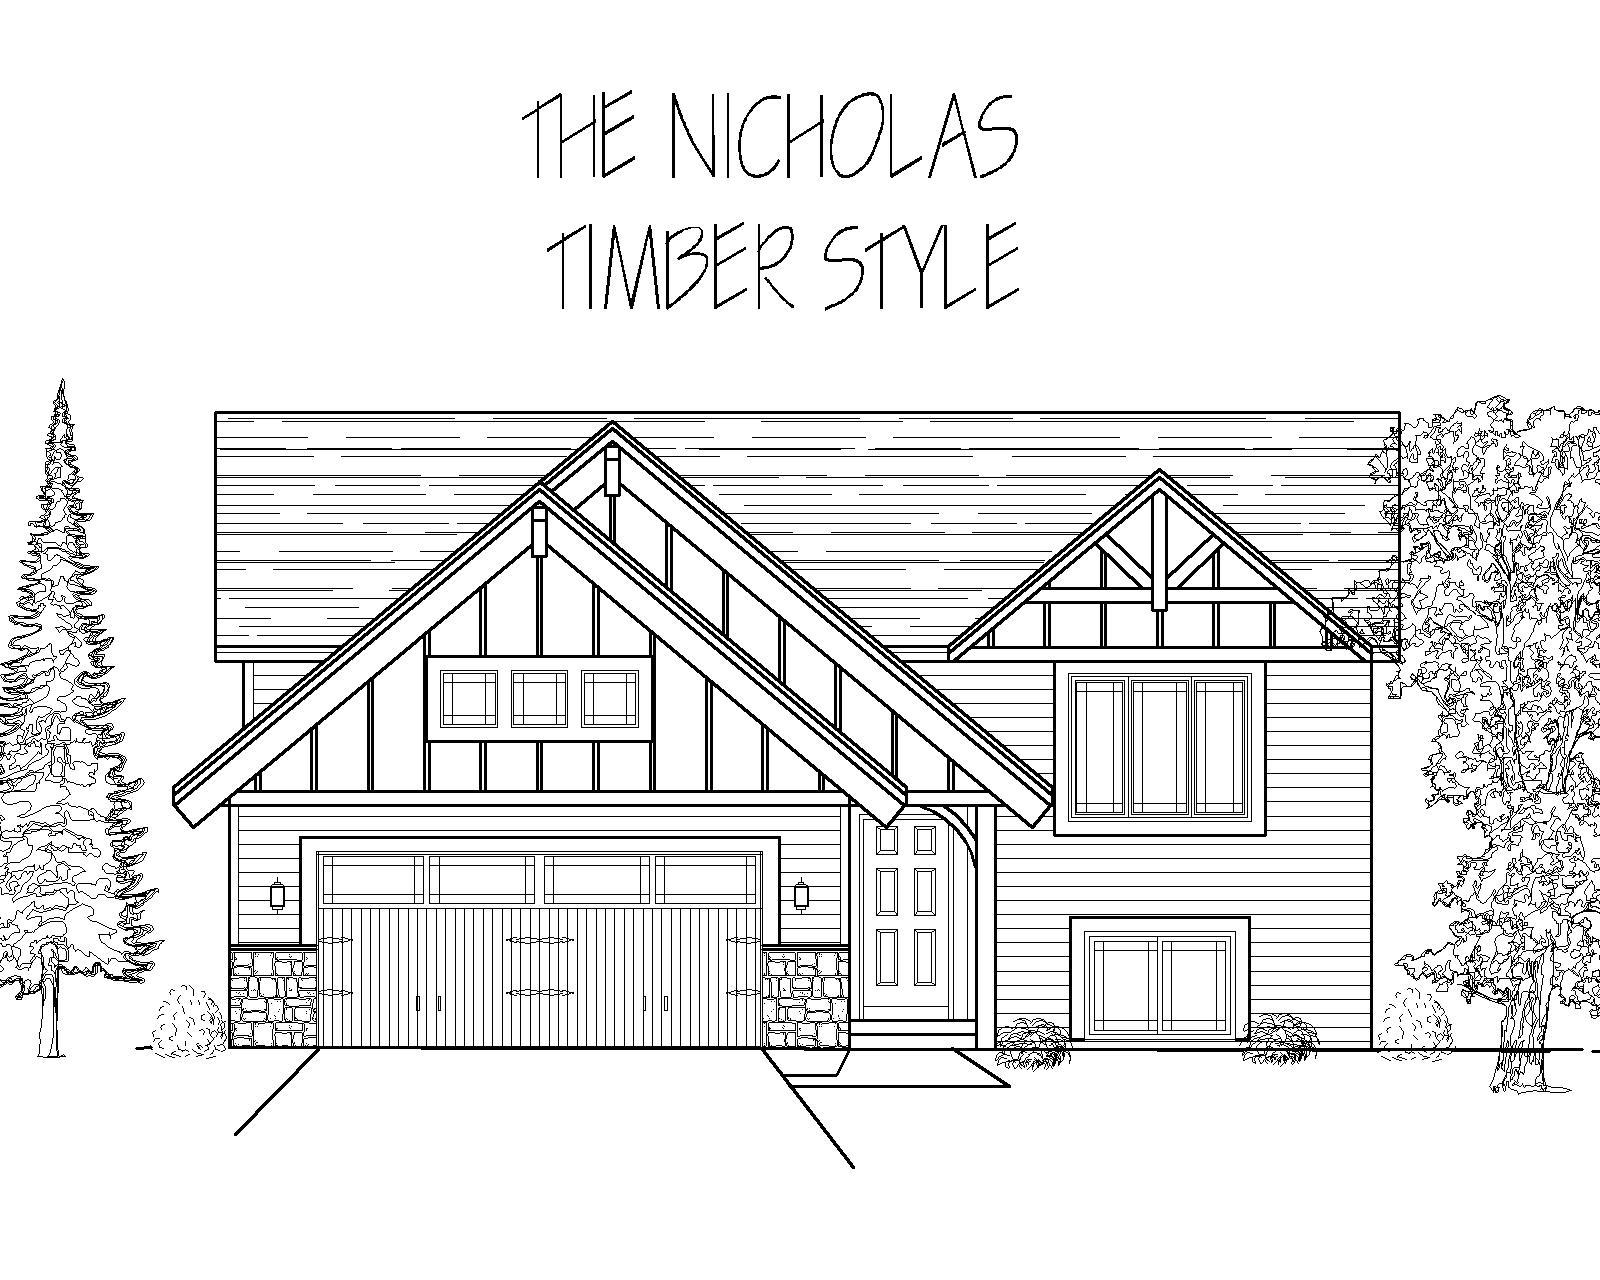 Timber style Nicholas